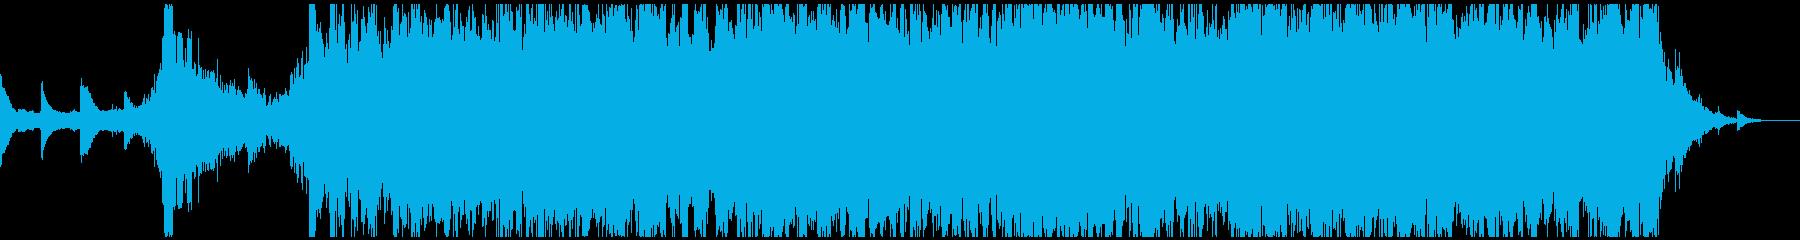 情緒あふれるしっとりしたサウンドトラックの再生済みの波形